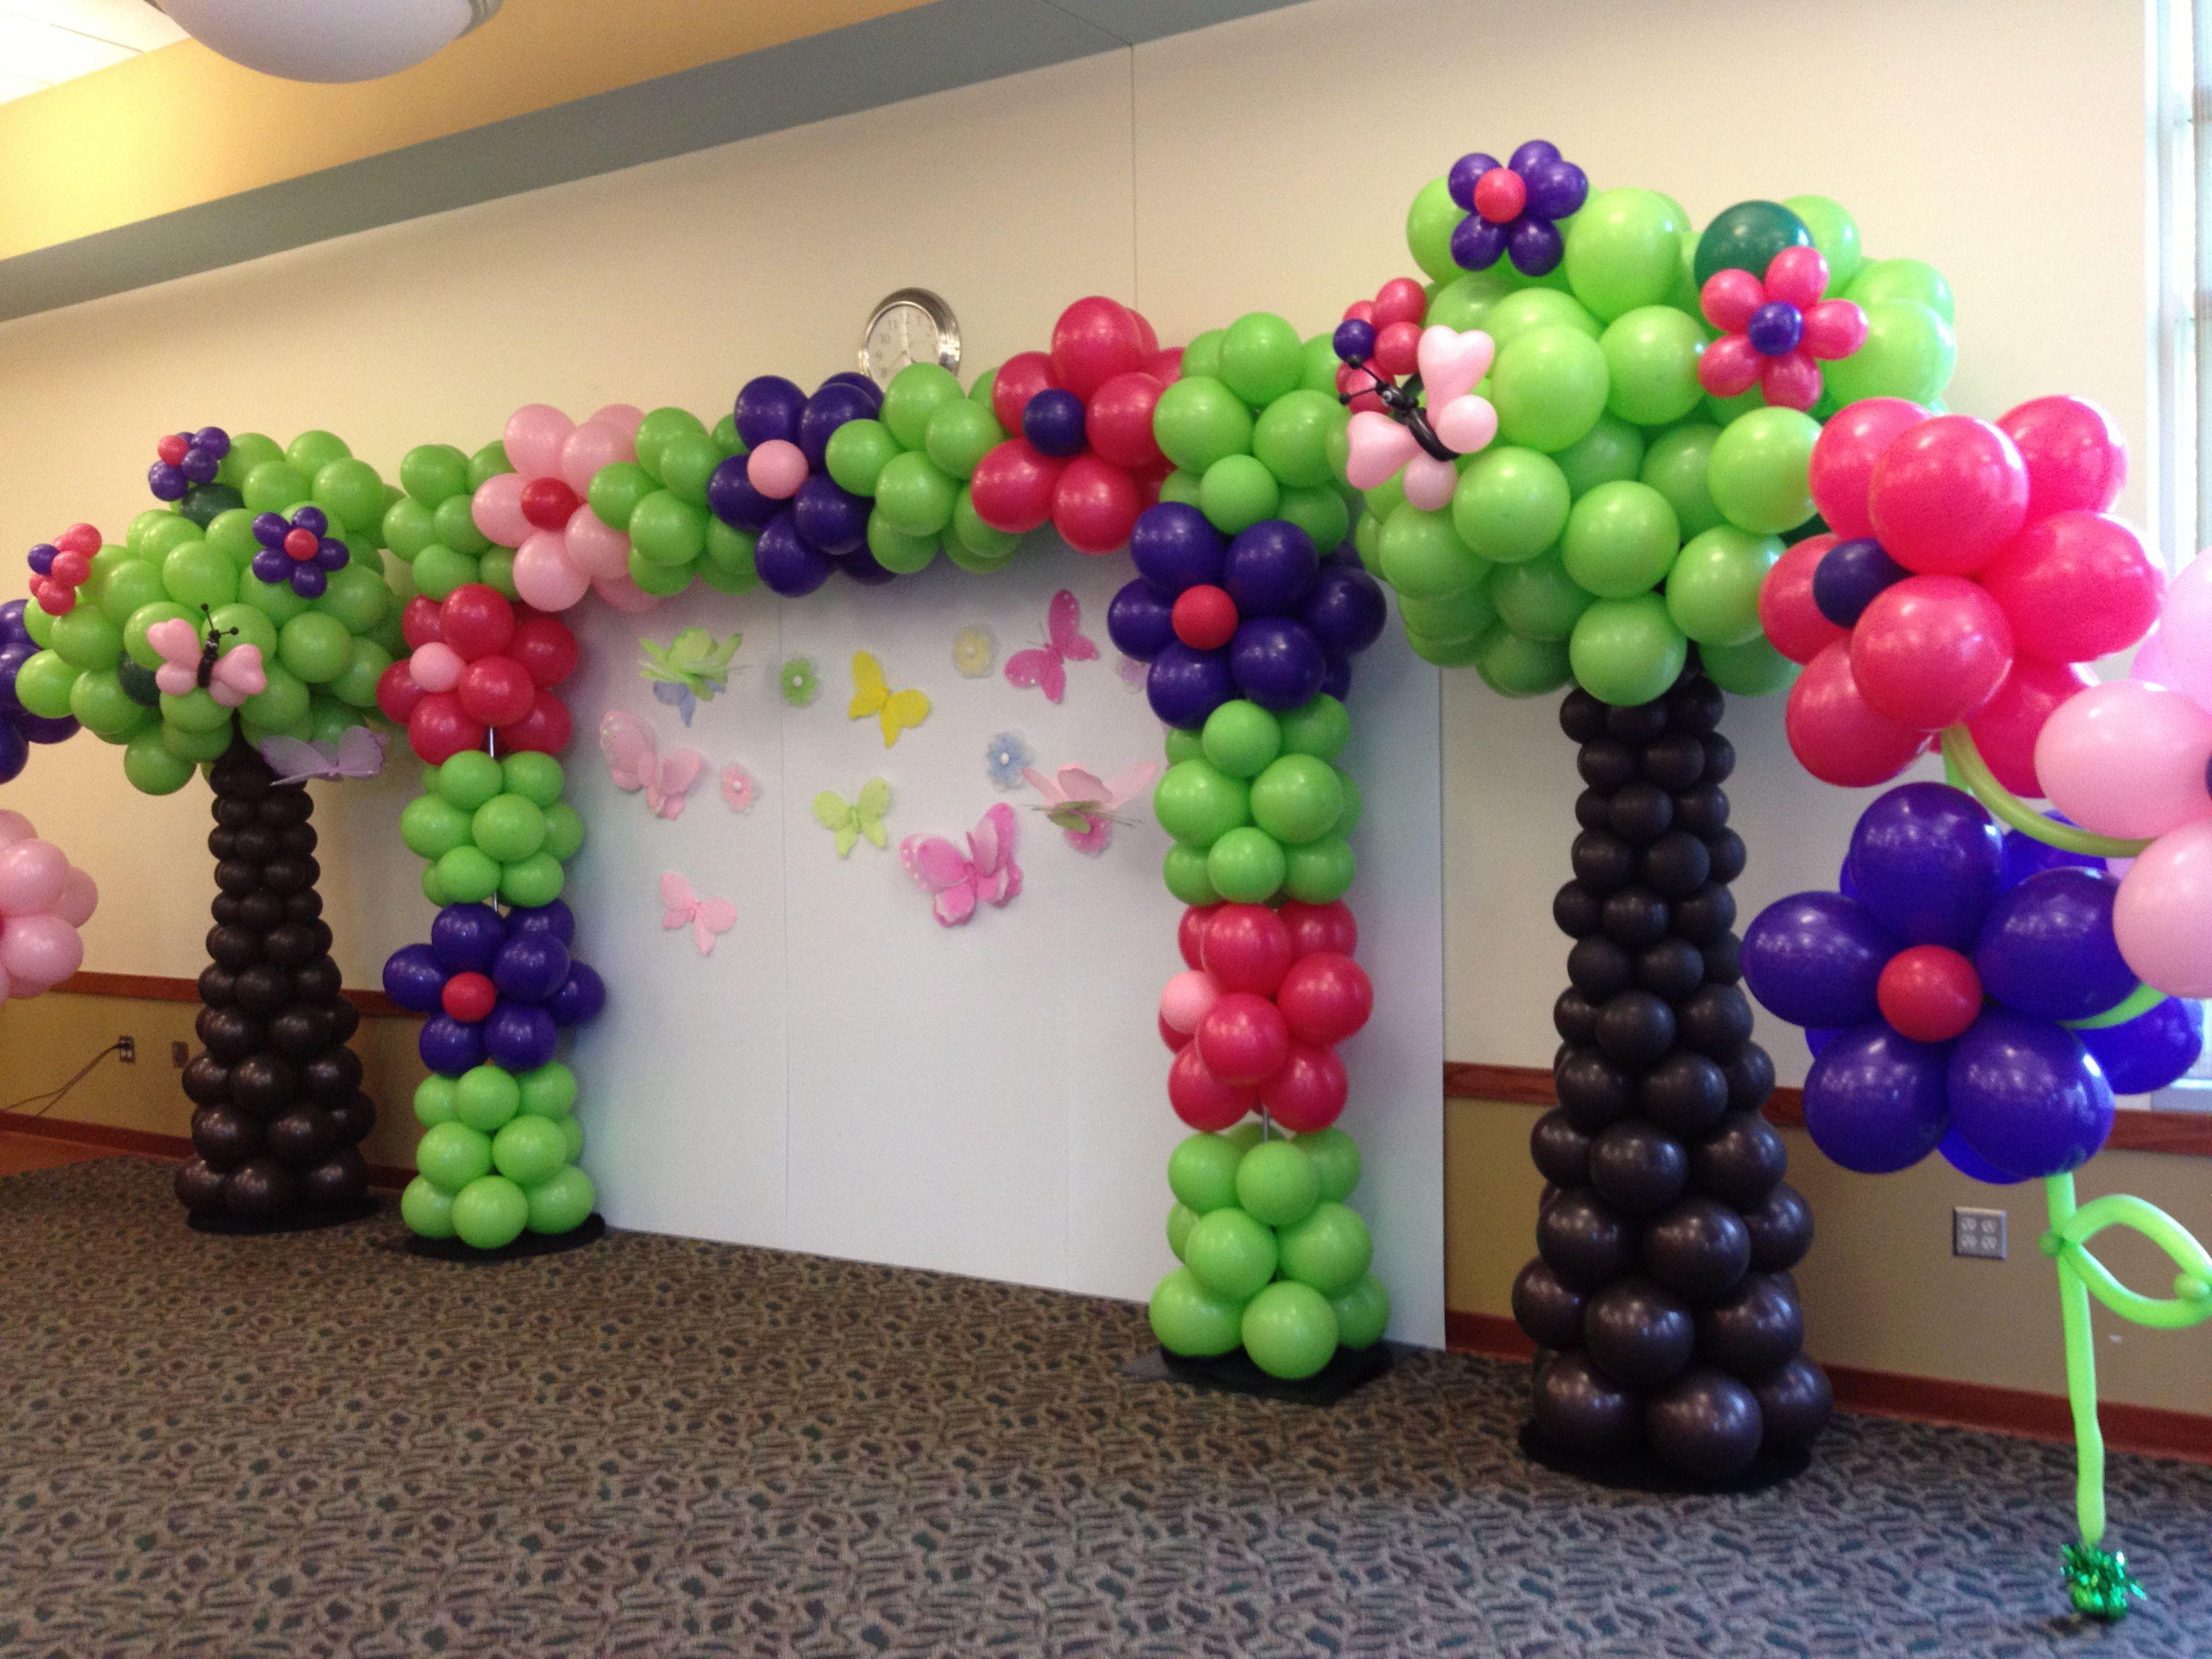 Decorating With Balloons Flower Garden Backdrop Dora Pinterest Balloon Arch Balloon